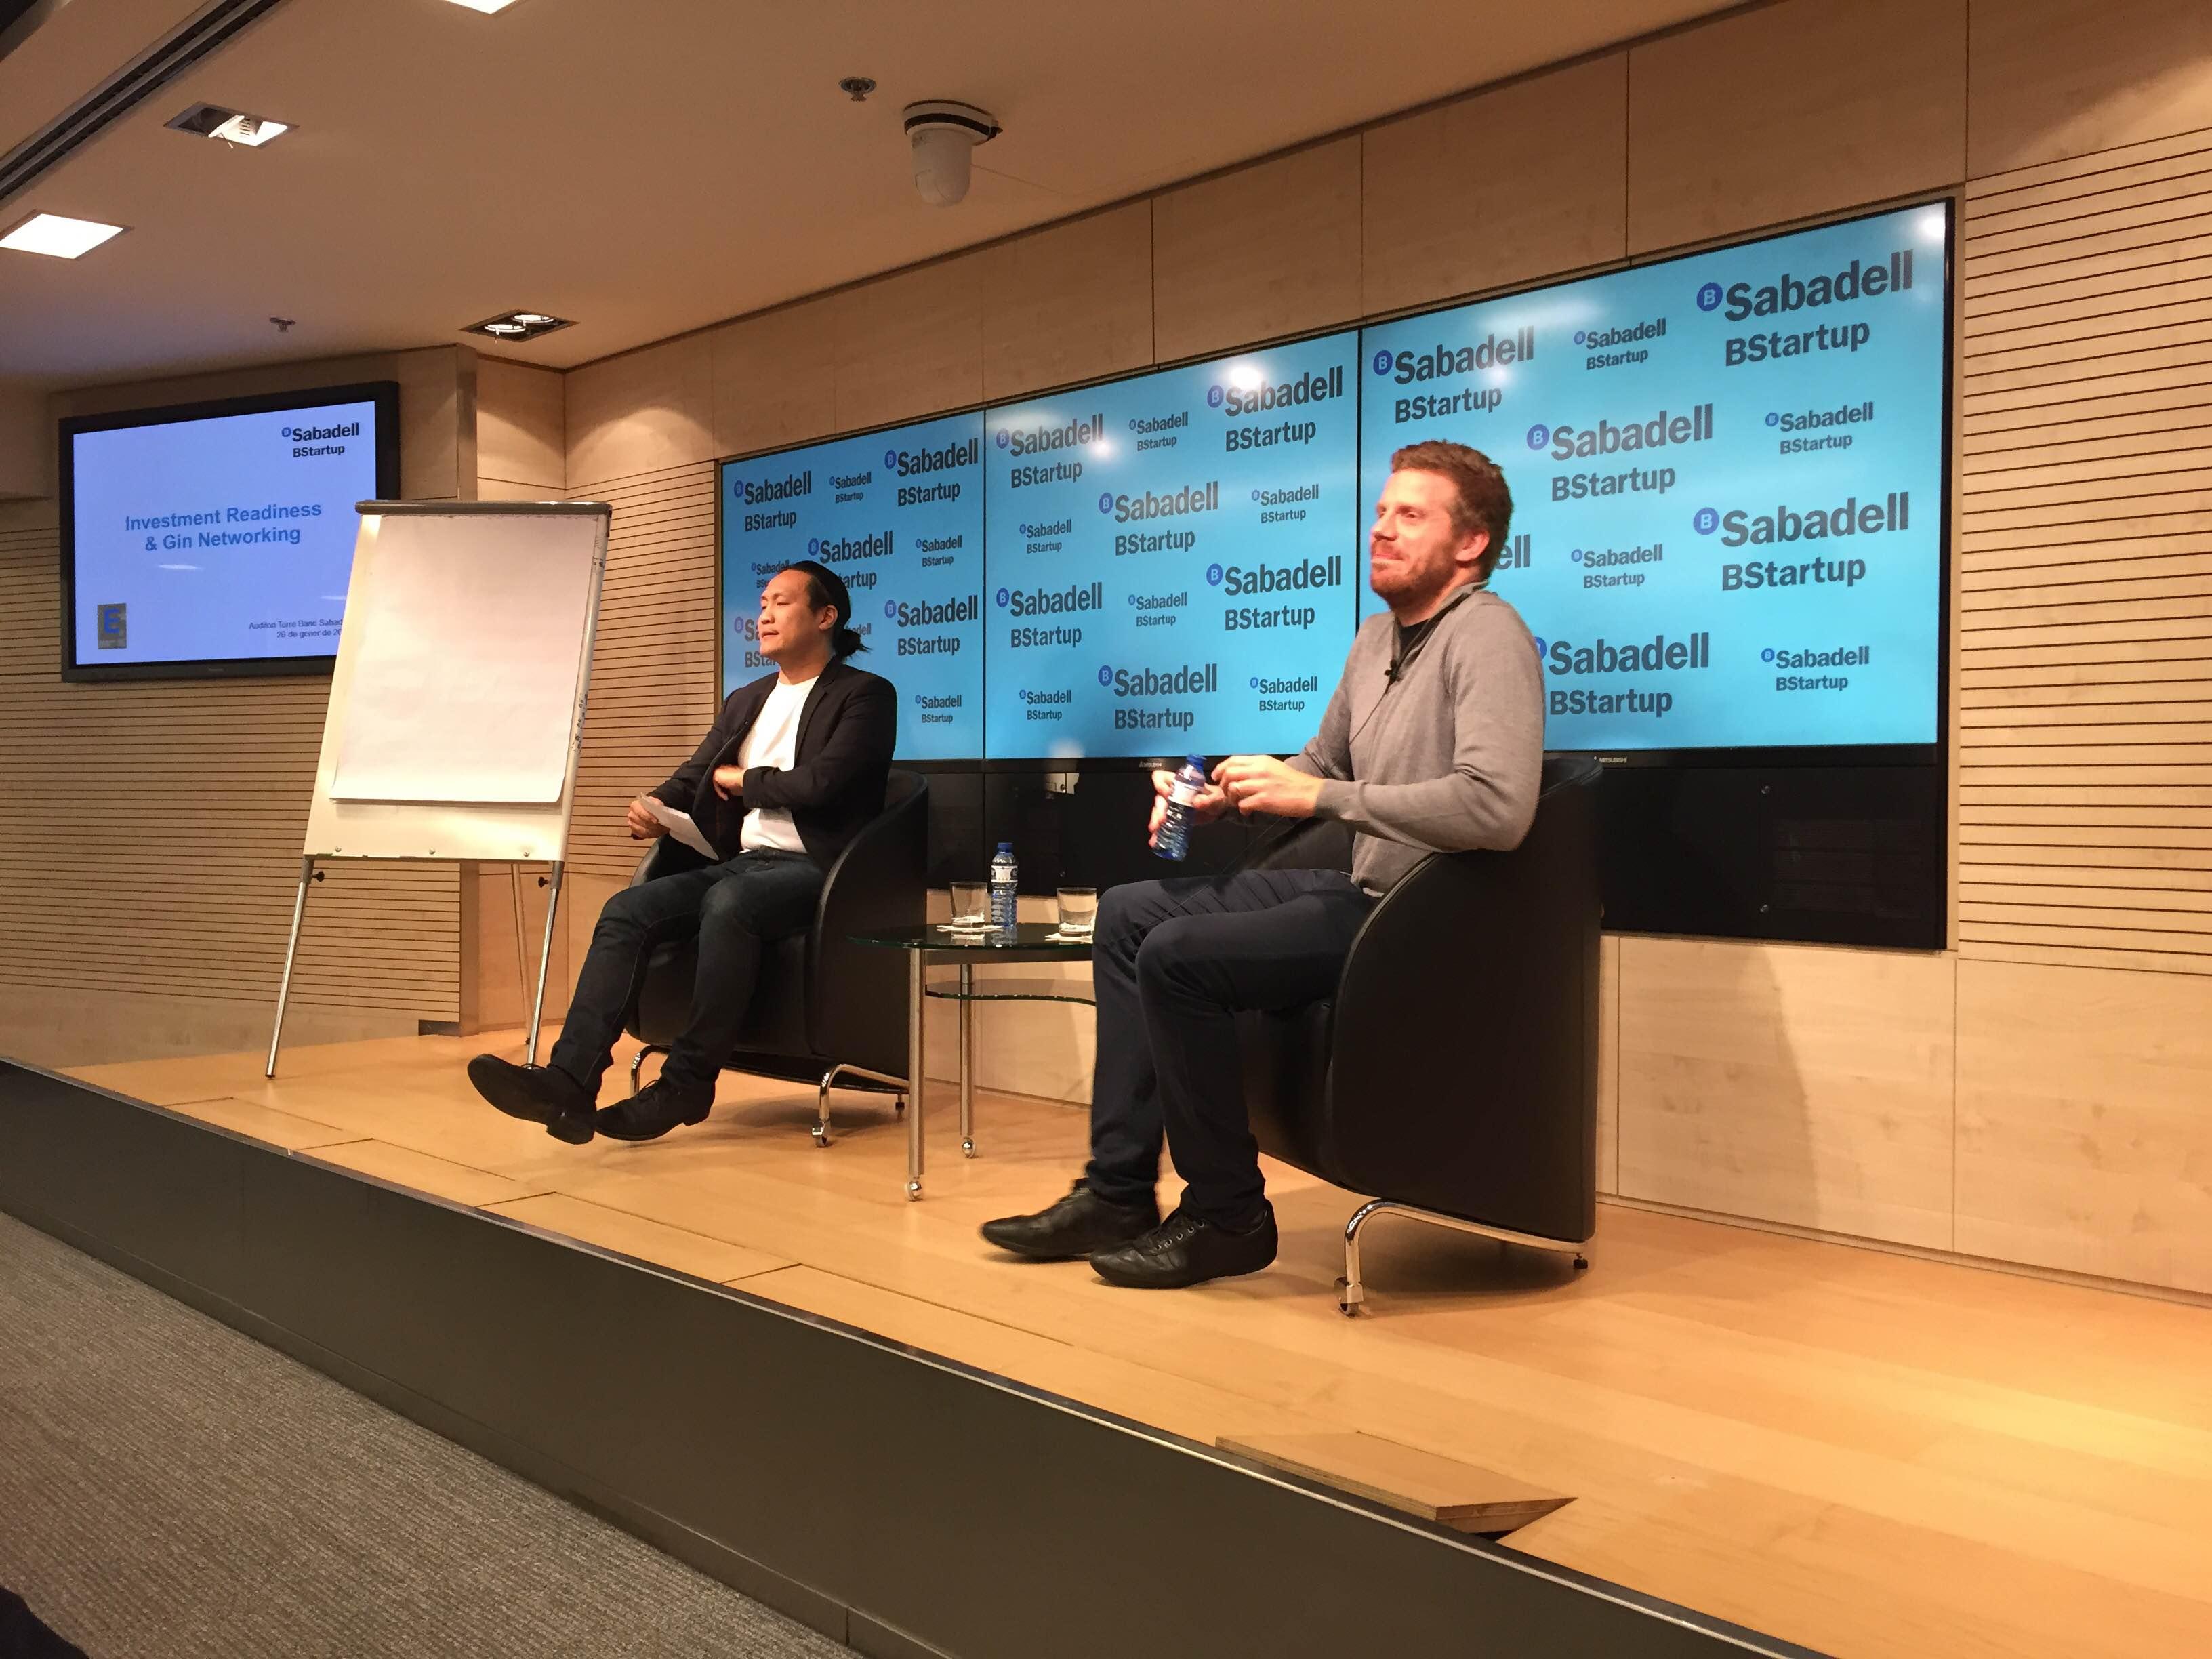 Happyclick está presente en el Investment Readiness & Gin Networking en Barcelona, celebrado por BStartup del Banco Sabadell.